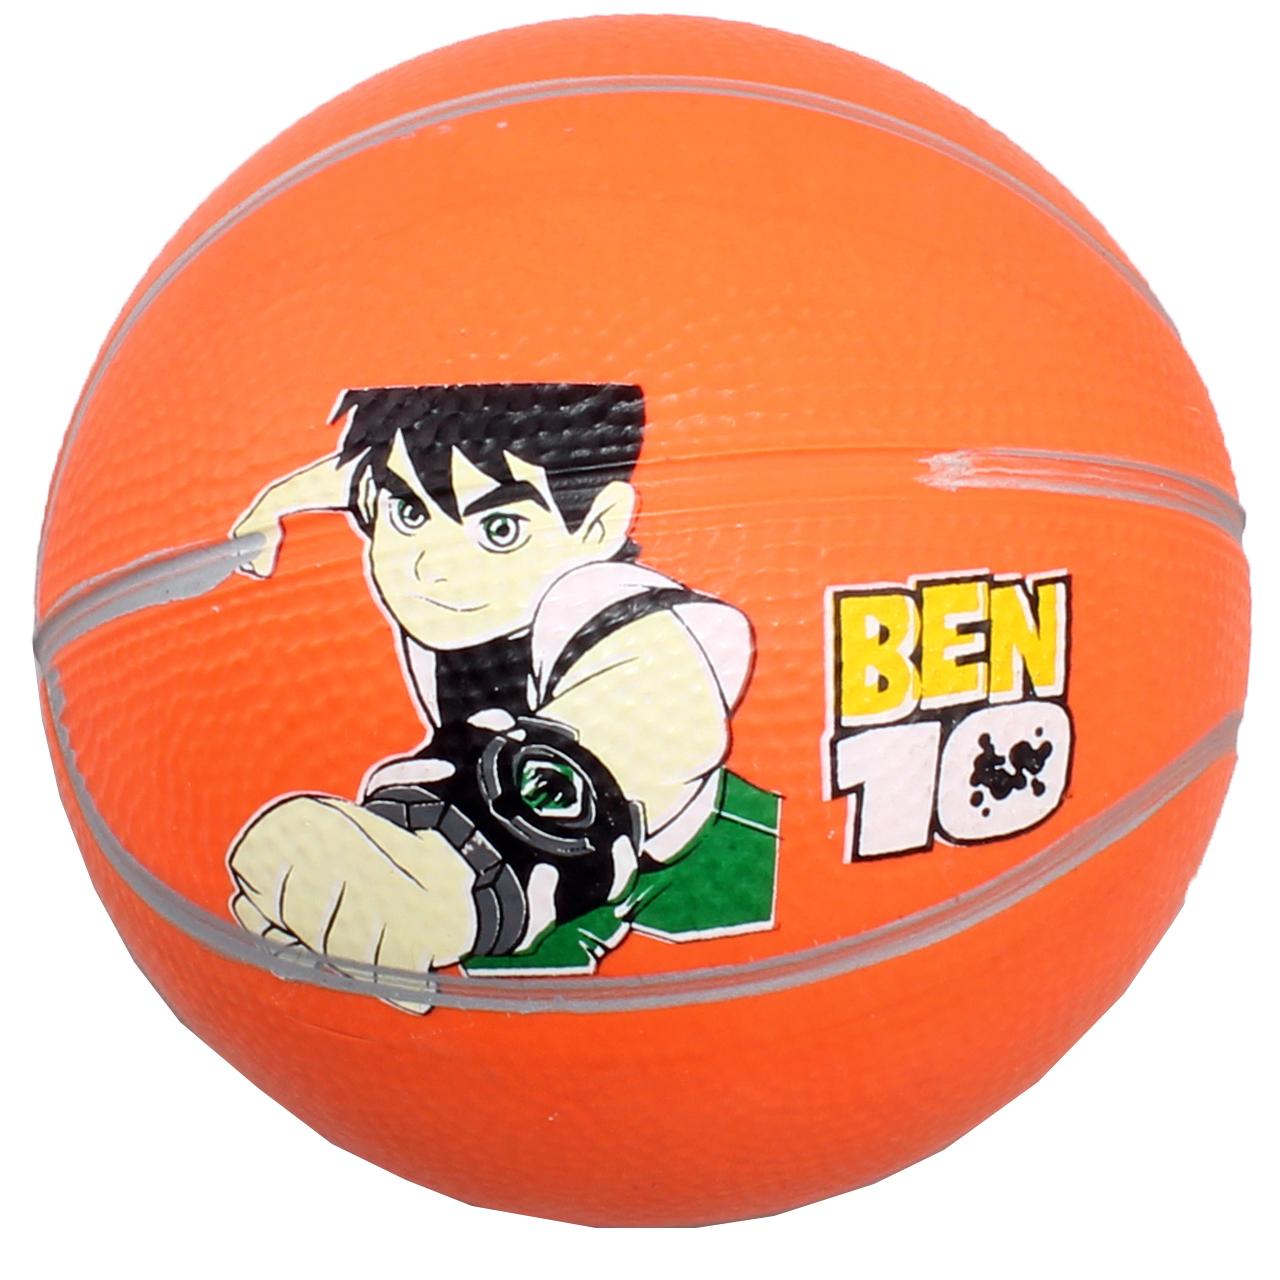 توپ بتا مدل مینی بسکتبال Ben 10 سایز 1